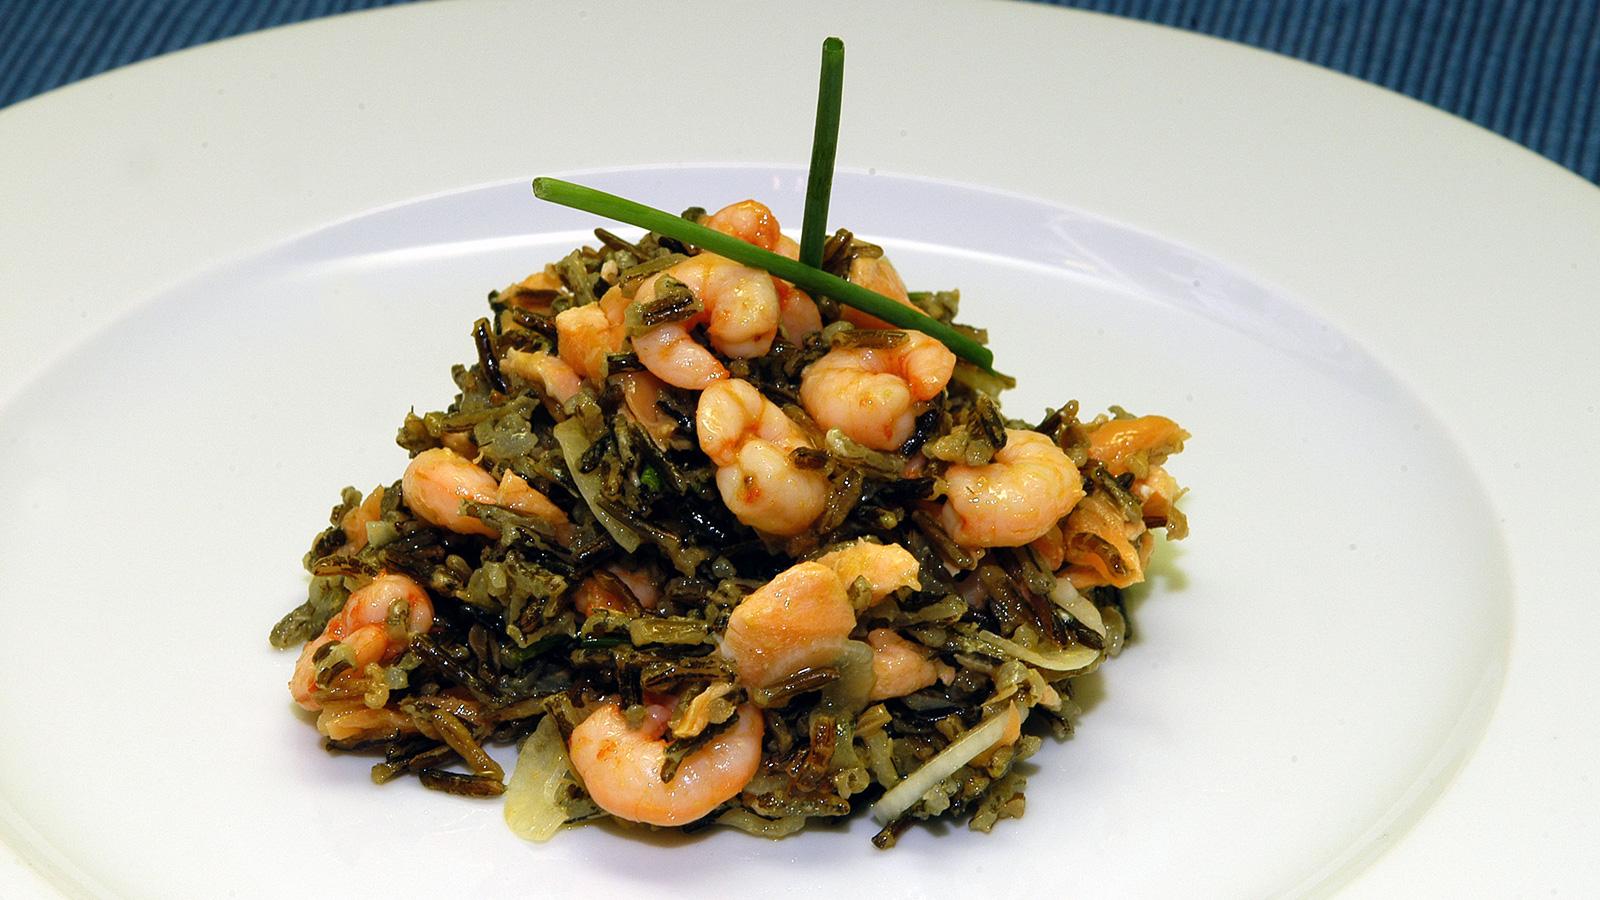 Ensalada de arroz salvaje juan pozuelo receta canal cocina - Donde comprar arroz salvaje ...